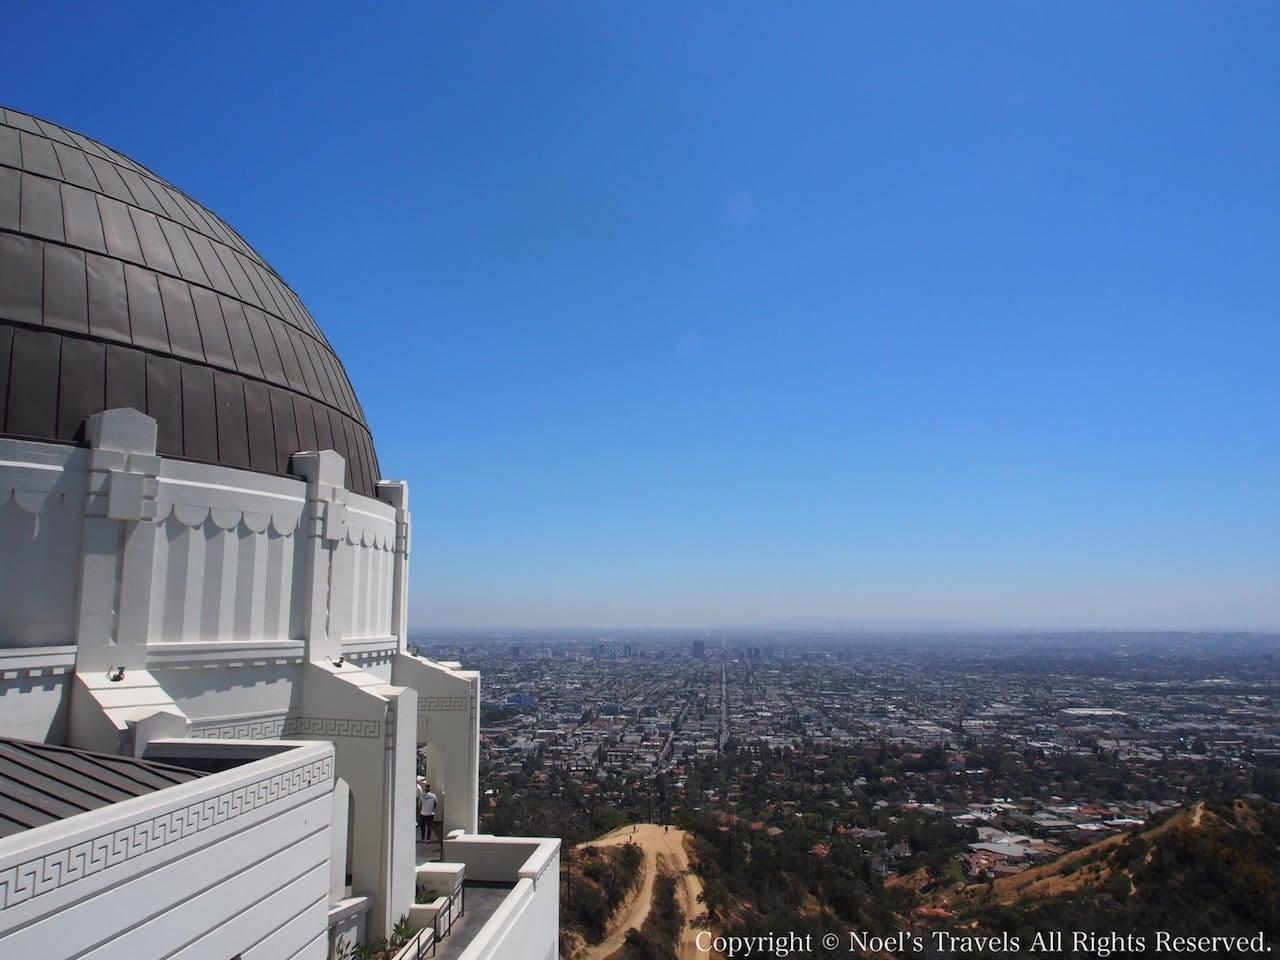 ロサンゼルスのグリフィス天文台からの眺め